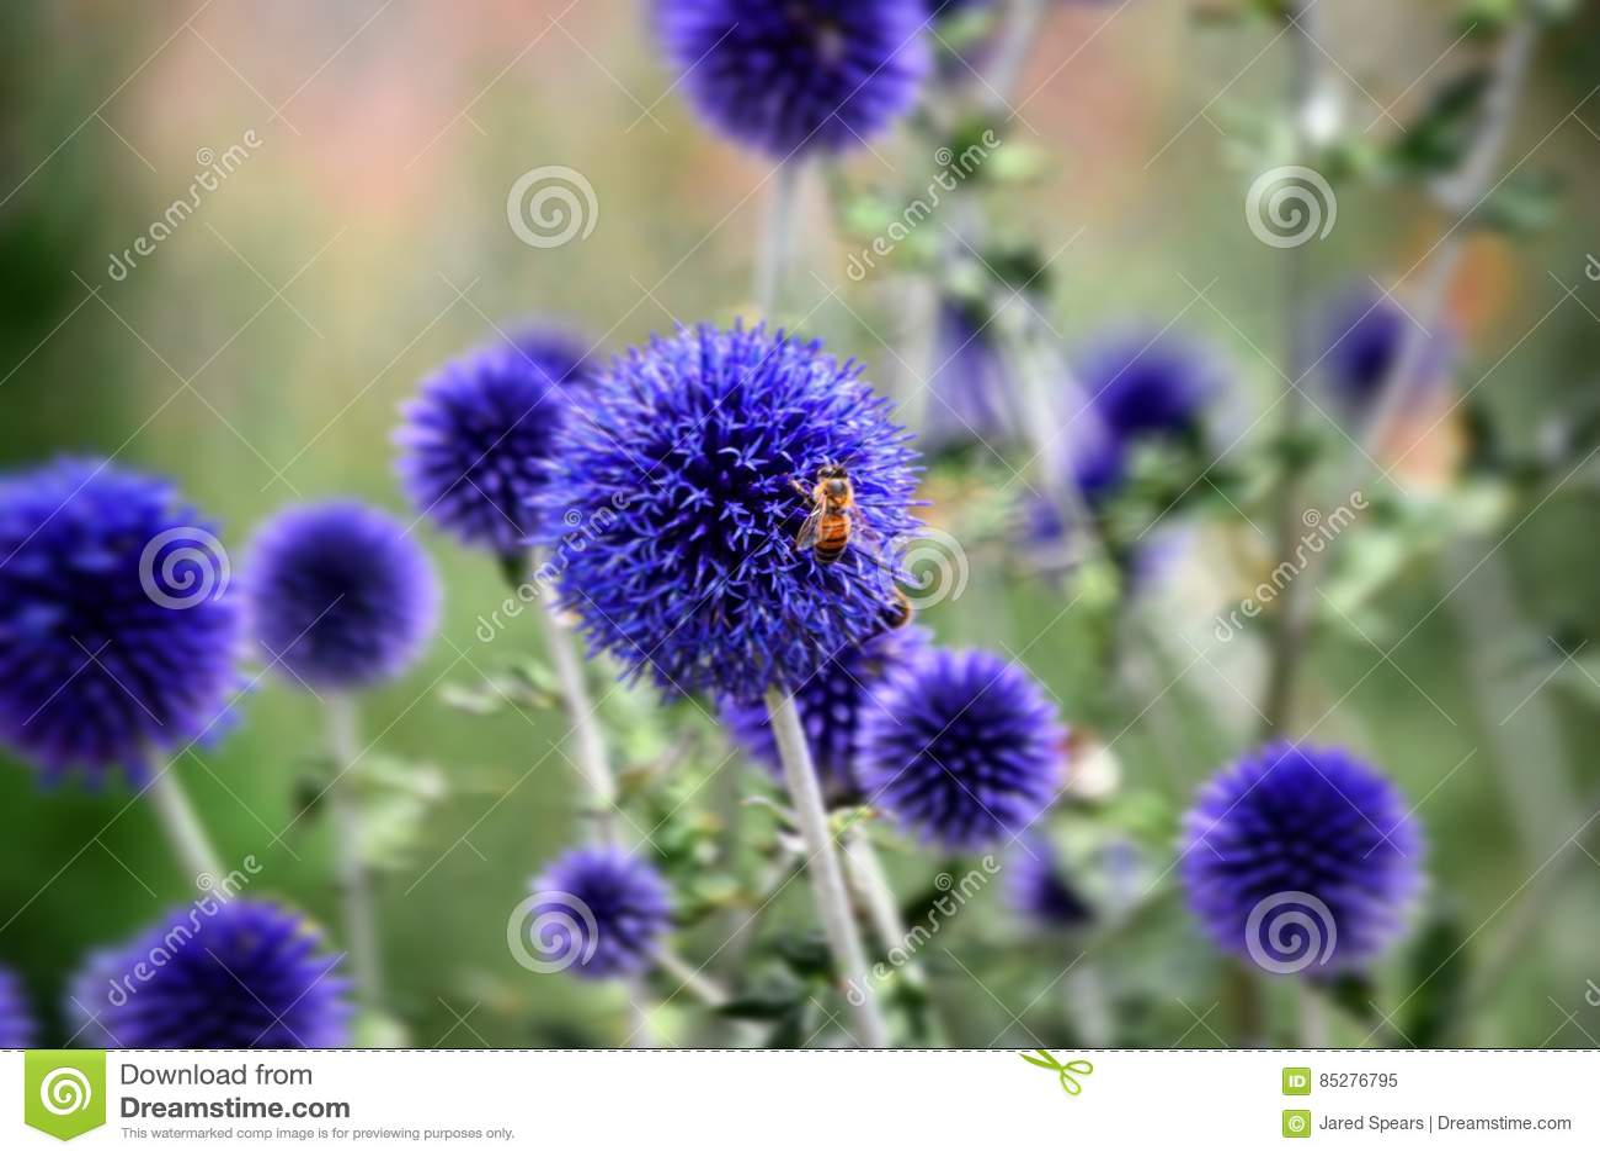 Μέλισσα στο πορφυρό λουλούδι